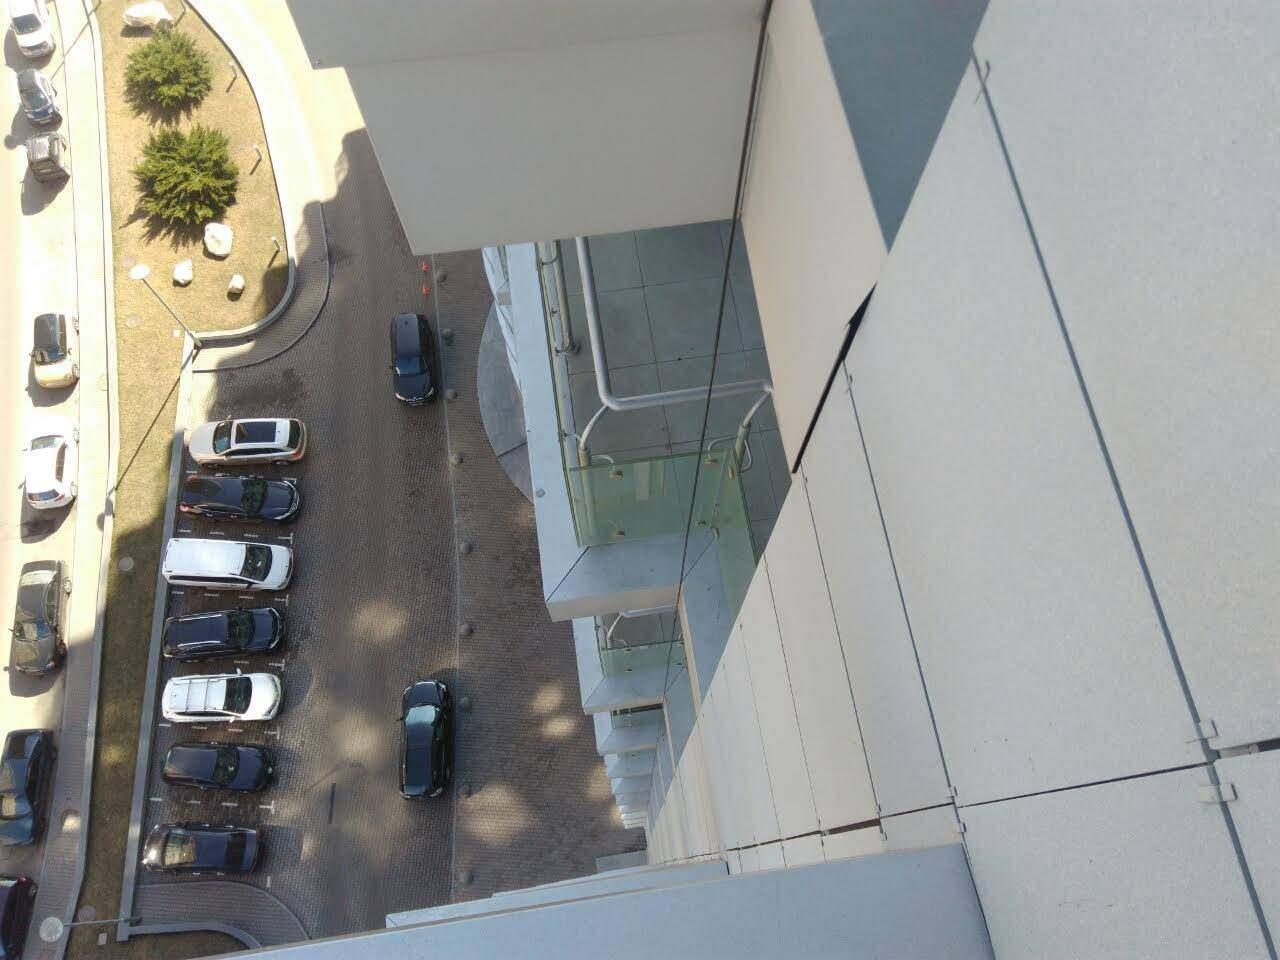 Предприимчивый киевлянин соорудил заправку для электромобиля на входе в подъезд (фото)